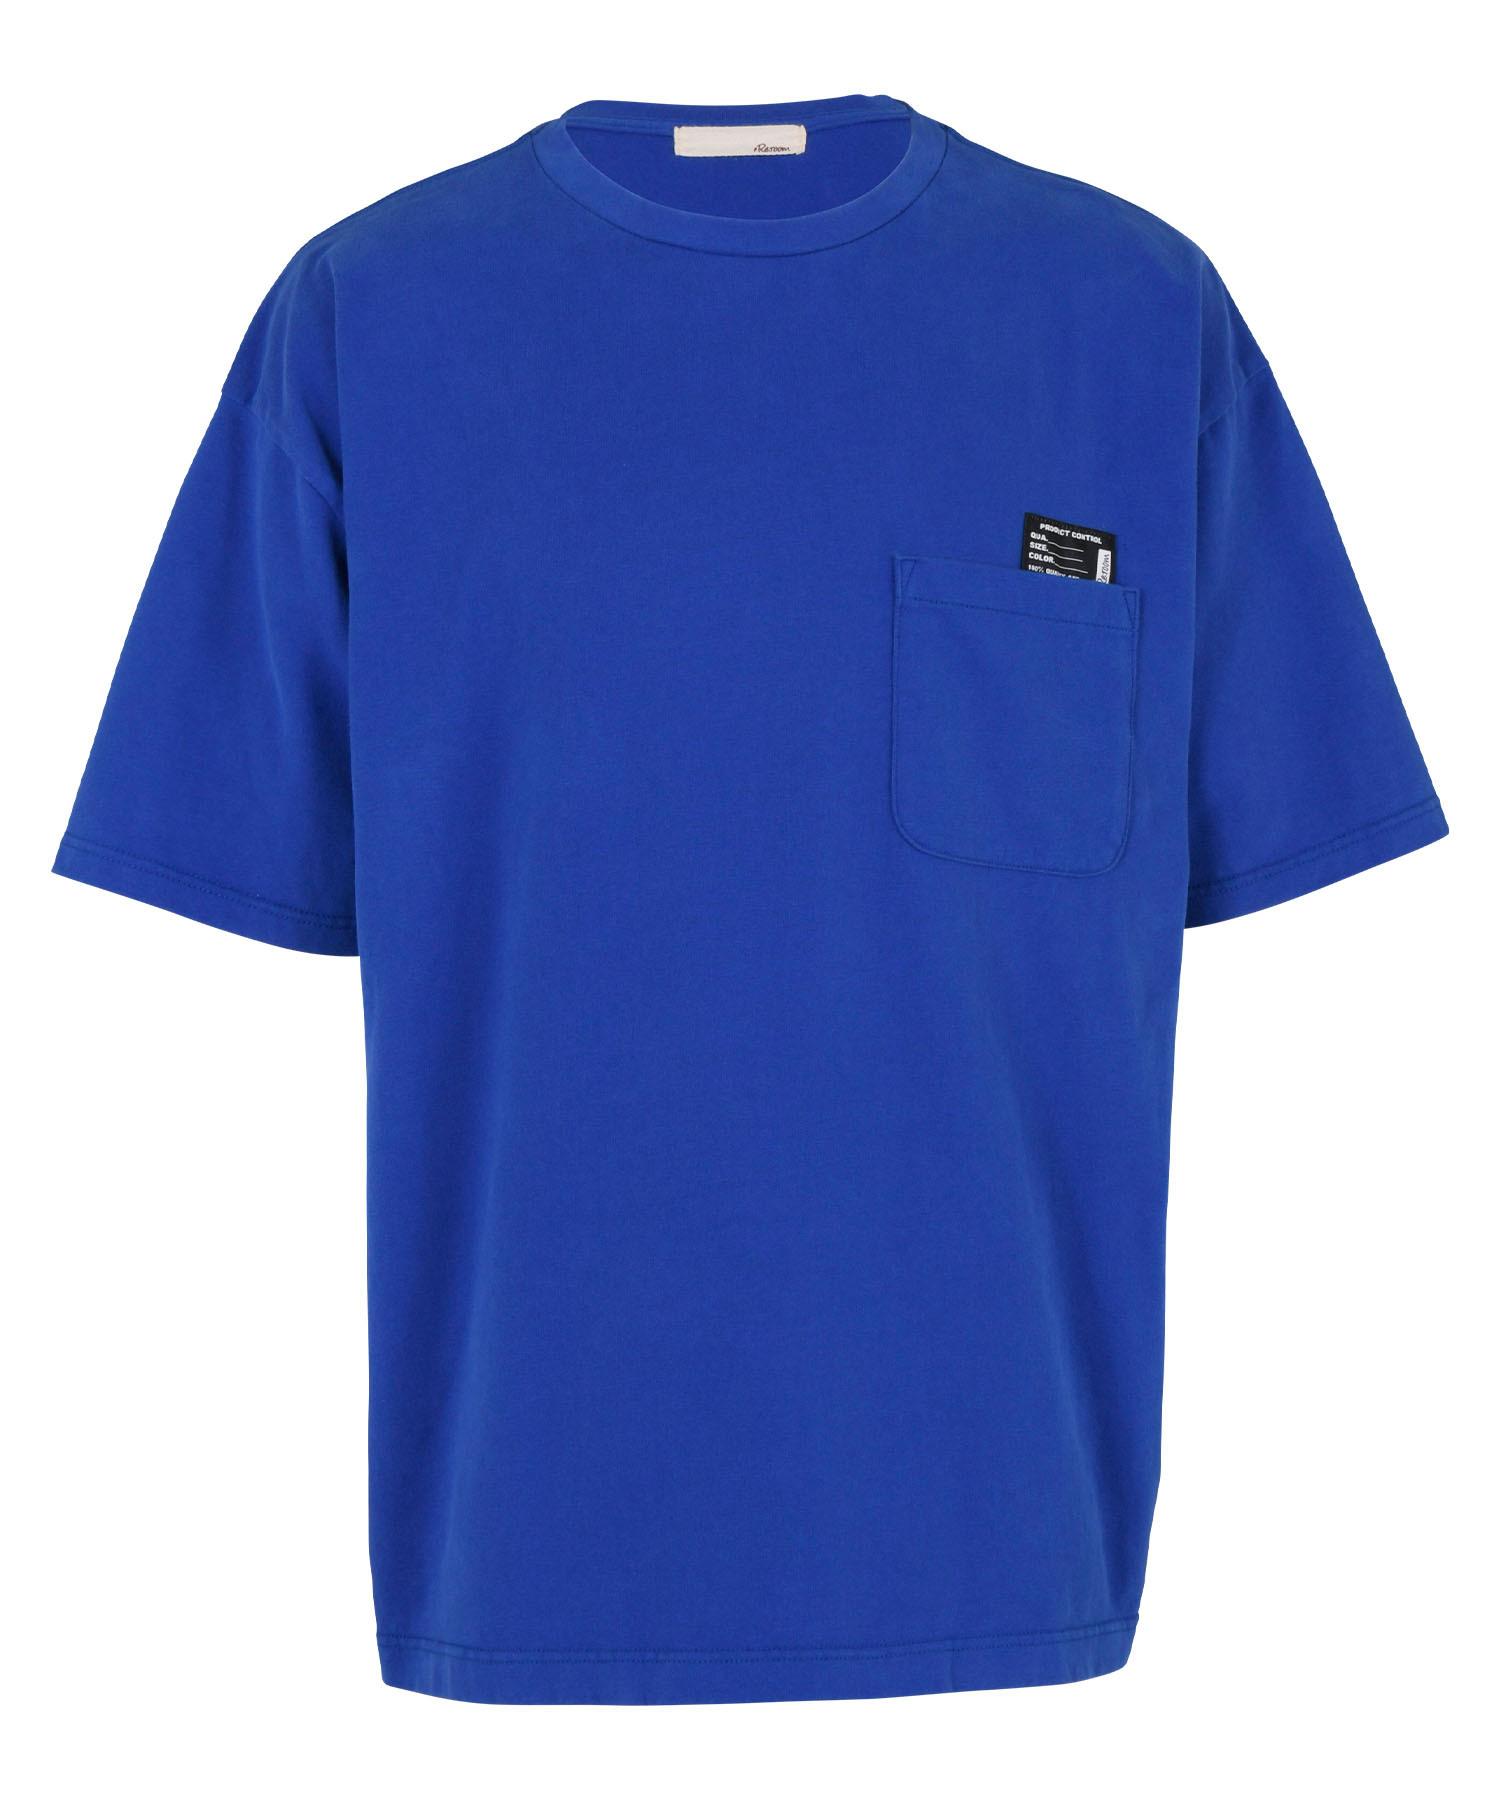 HEAVYWEIGHT COLOR POCKET BIG T-shirt[REC519]